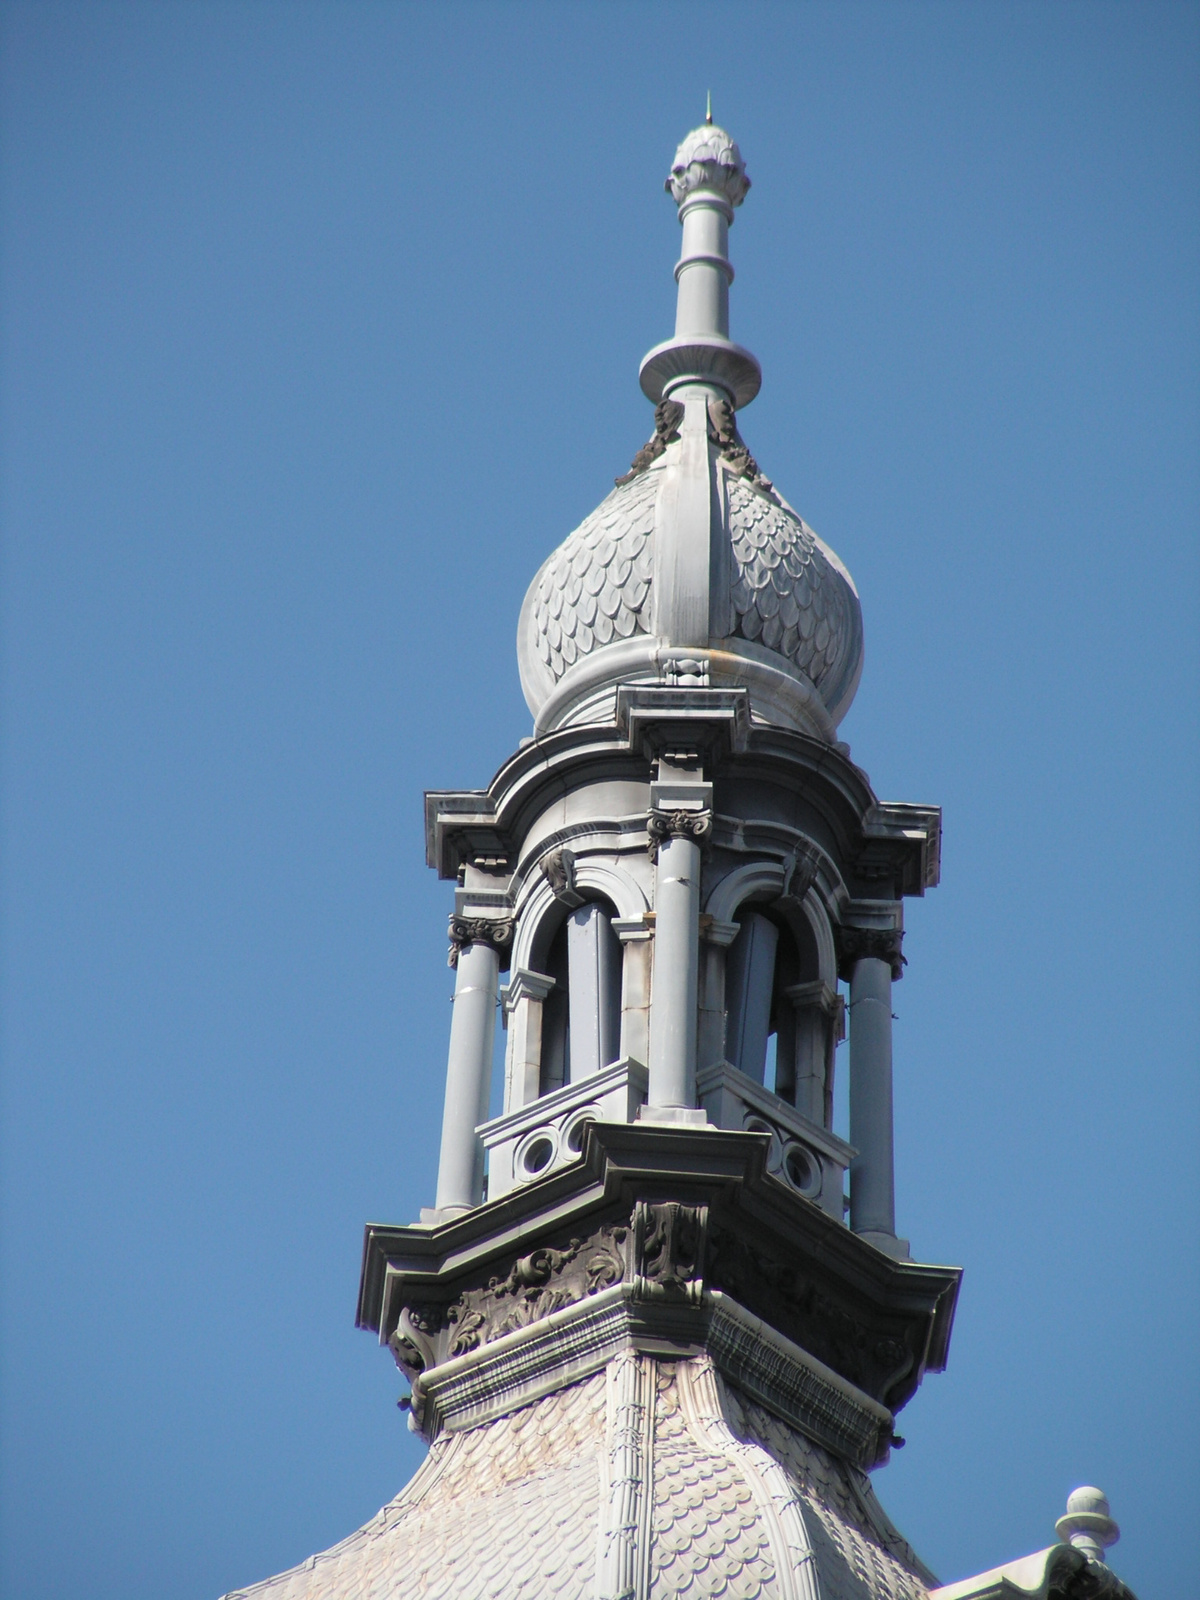 Budapest, a Kossuth Lajos u. egyik épületének tornya, SzG3